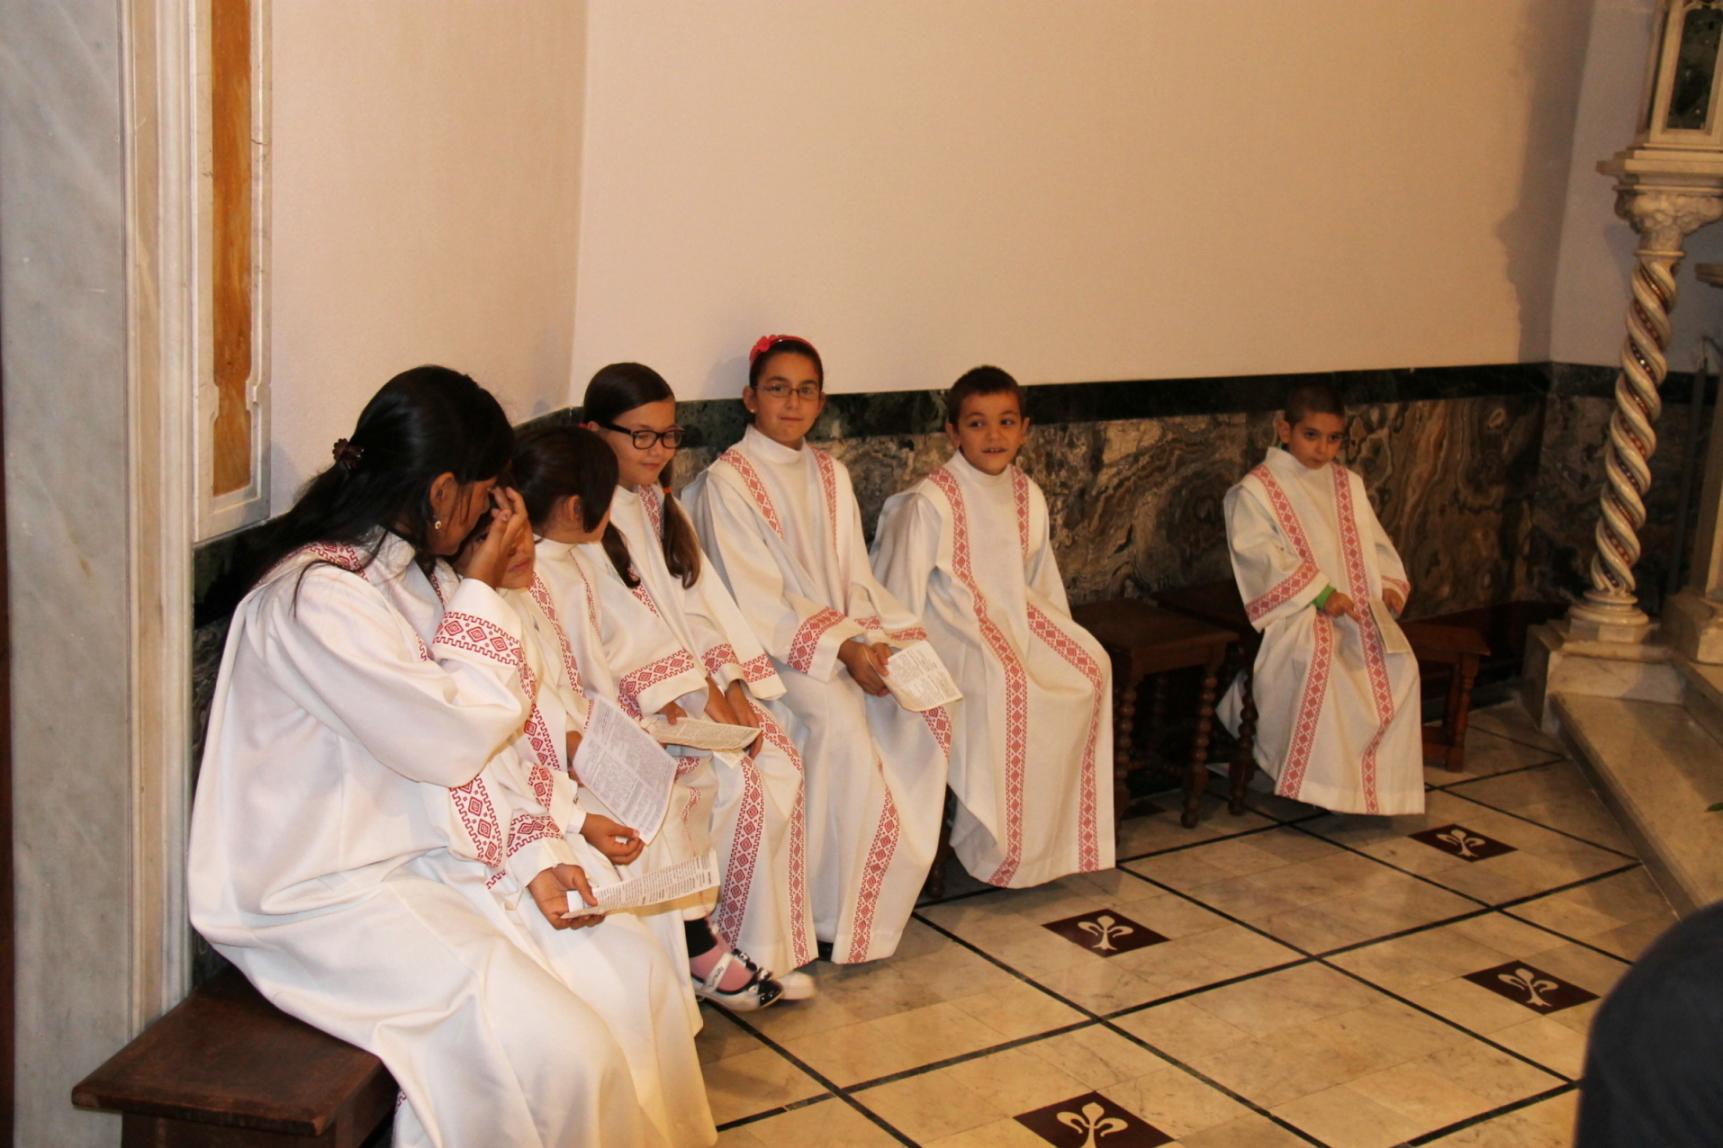 inaugurazione_anno_catechistico_e_anno_della_fede_2012-10-07-11-31-50